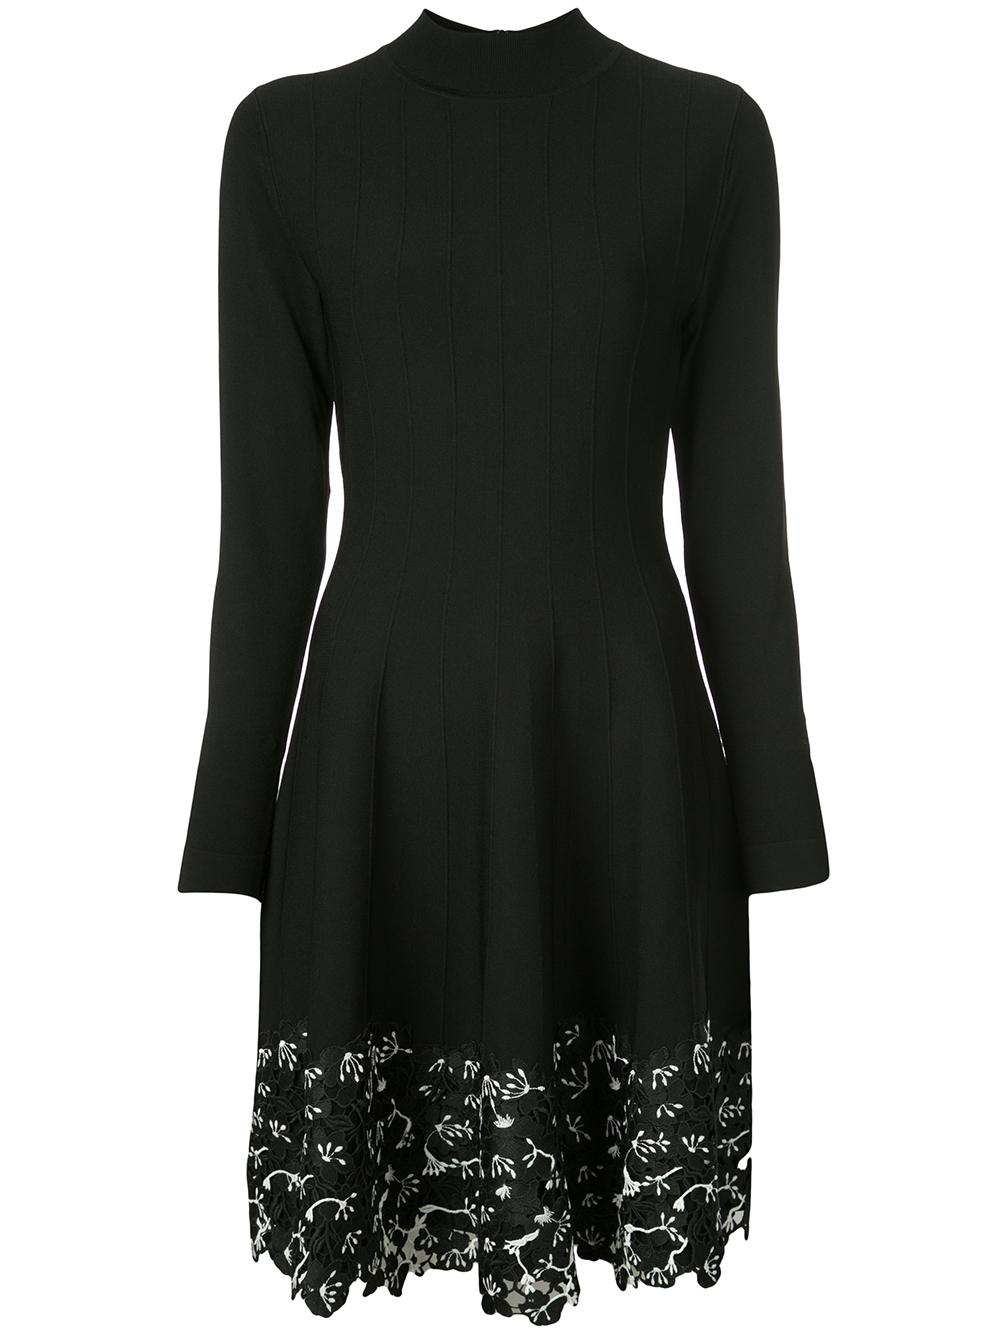 Long Sleeve Lace Hem Knit Dress